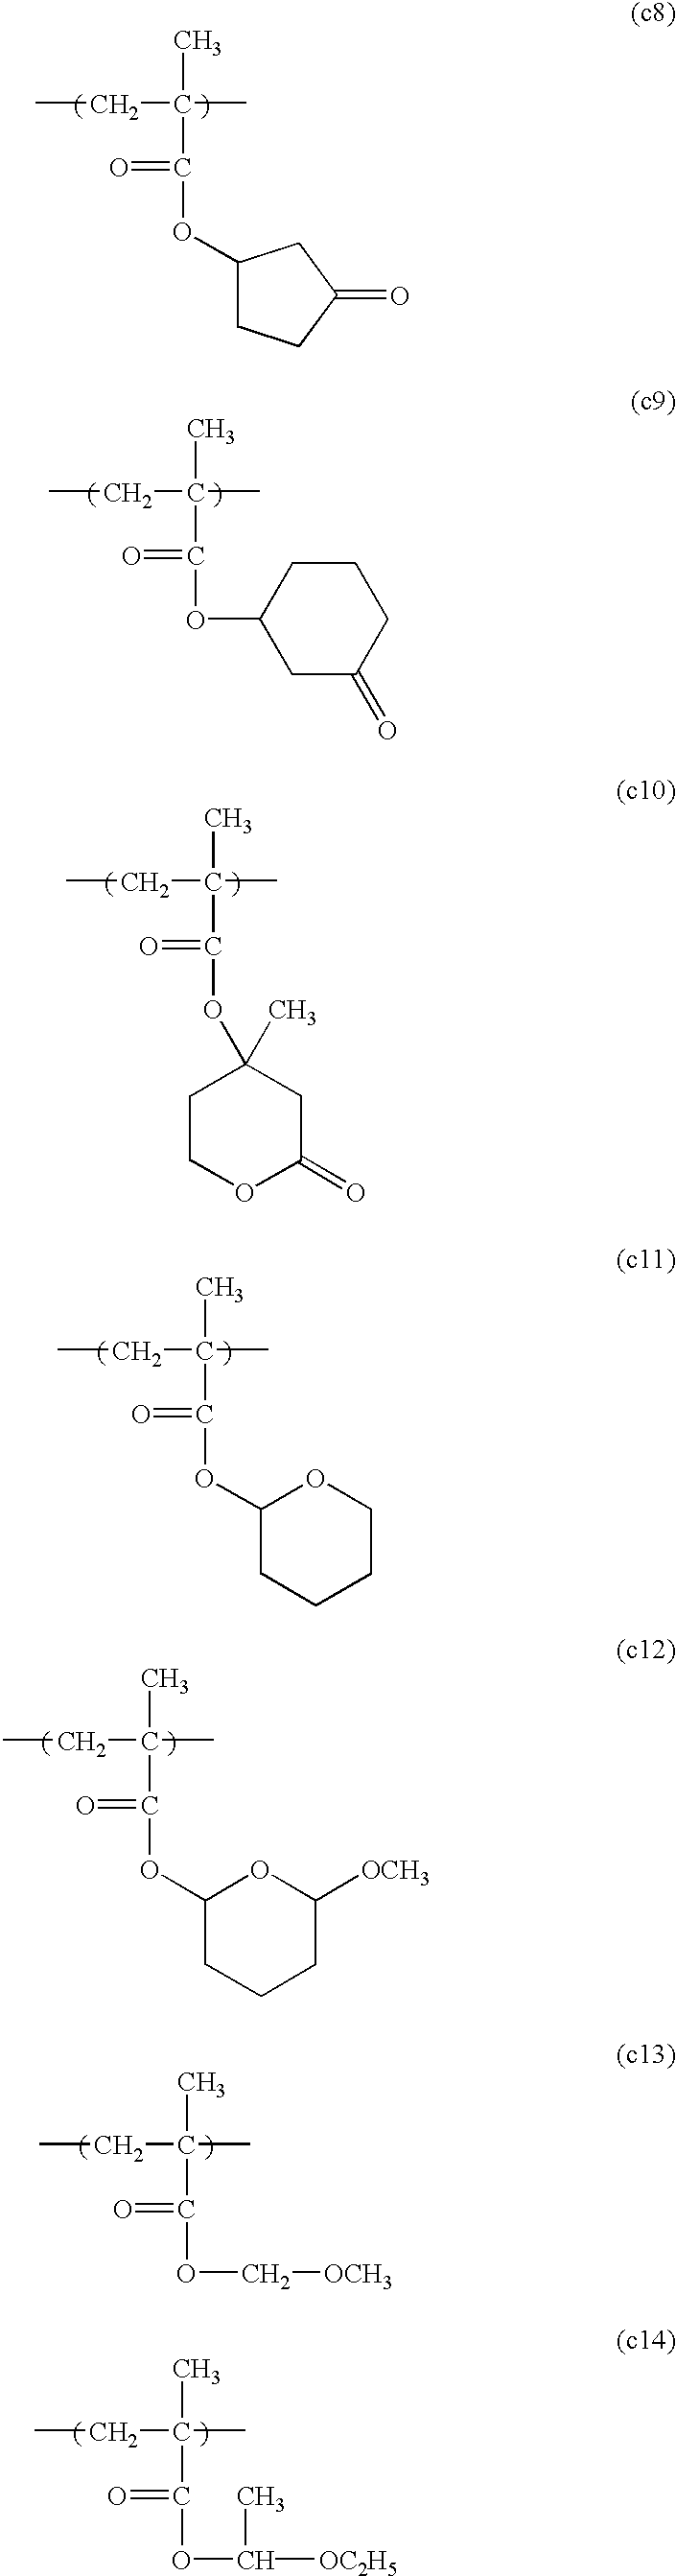 Figure US06492091-20021210-C00025